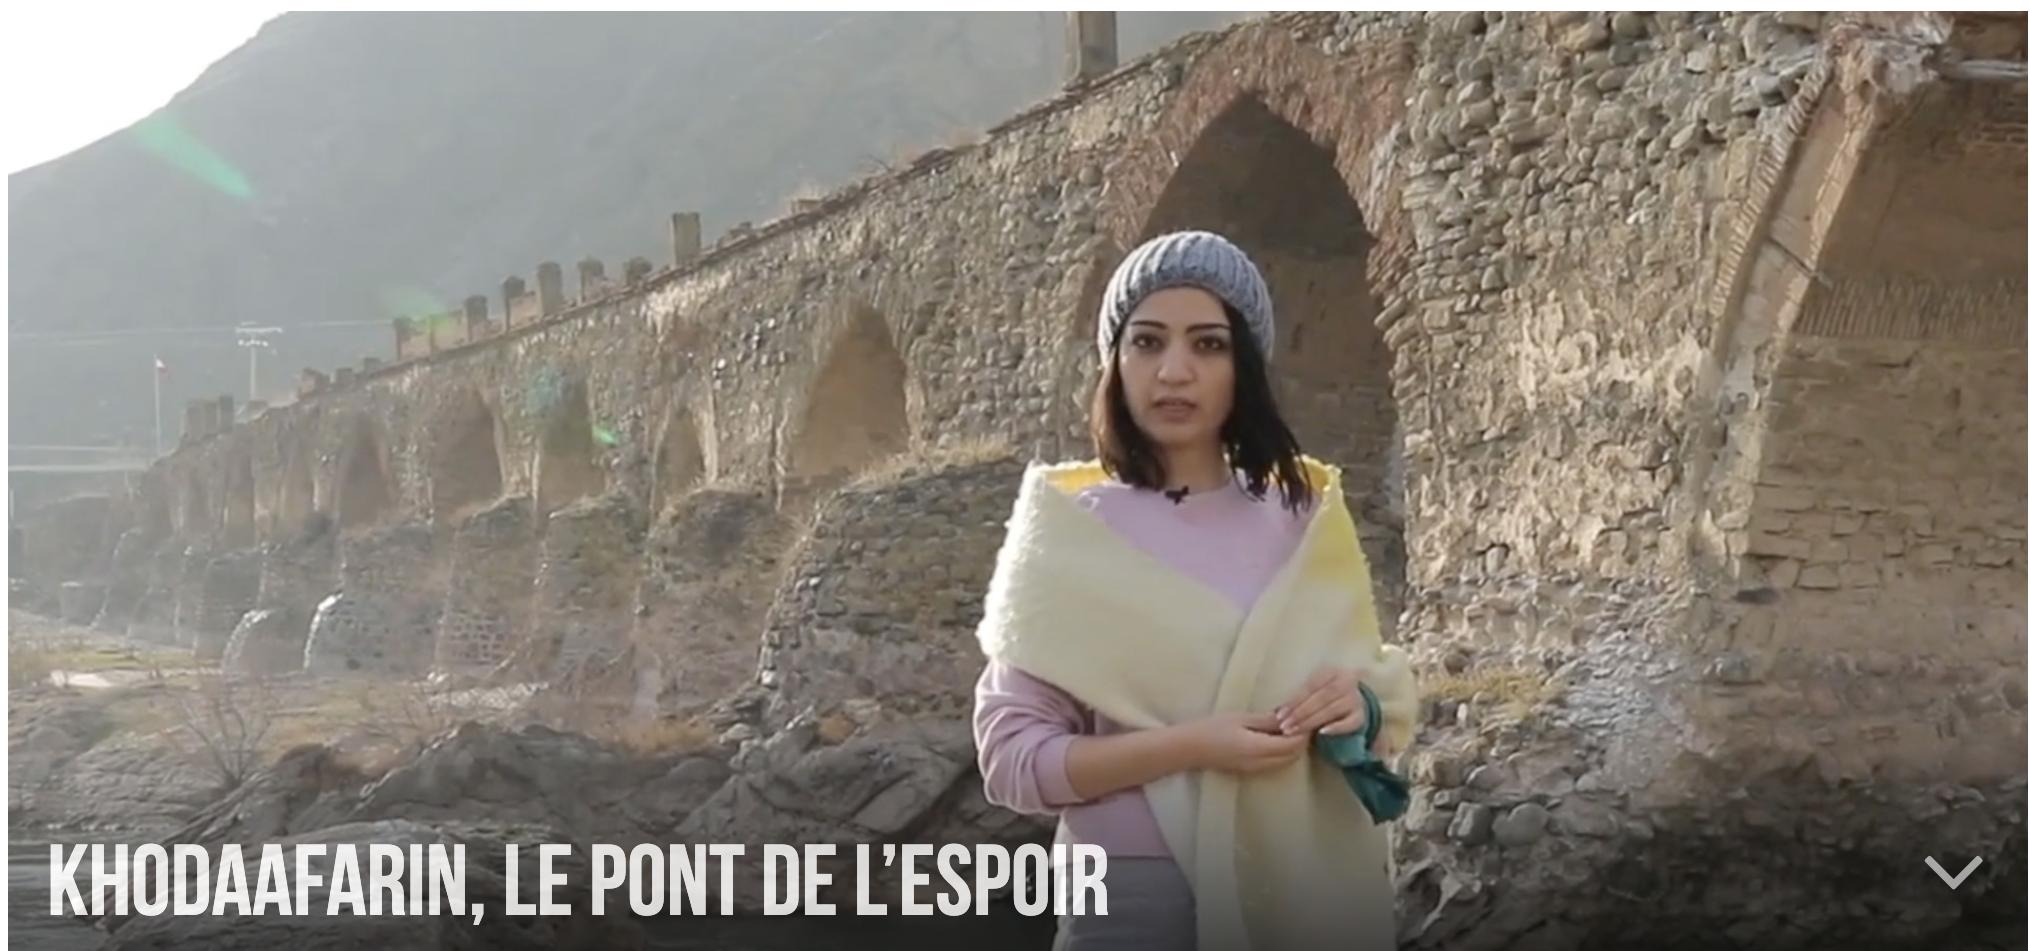 KHODAAFARIN, LE PONT DE L'ESPOIR